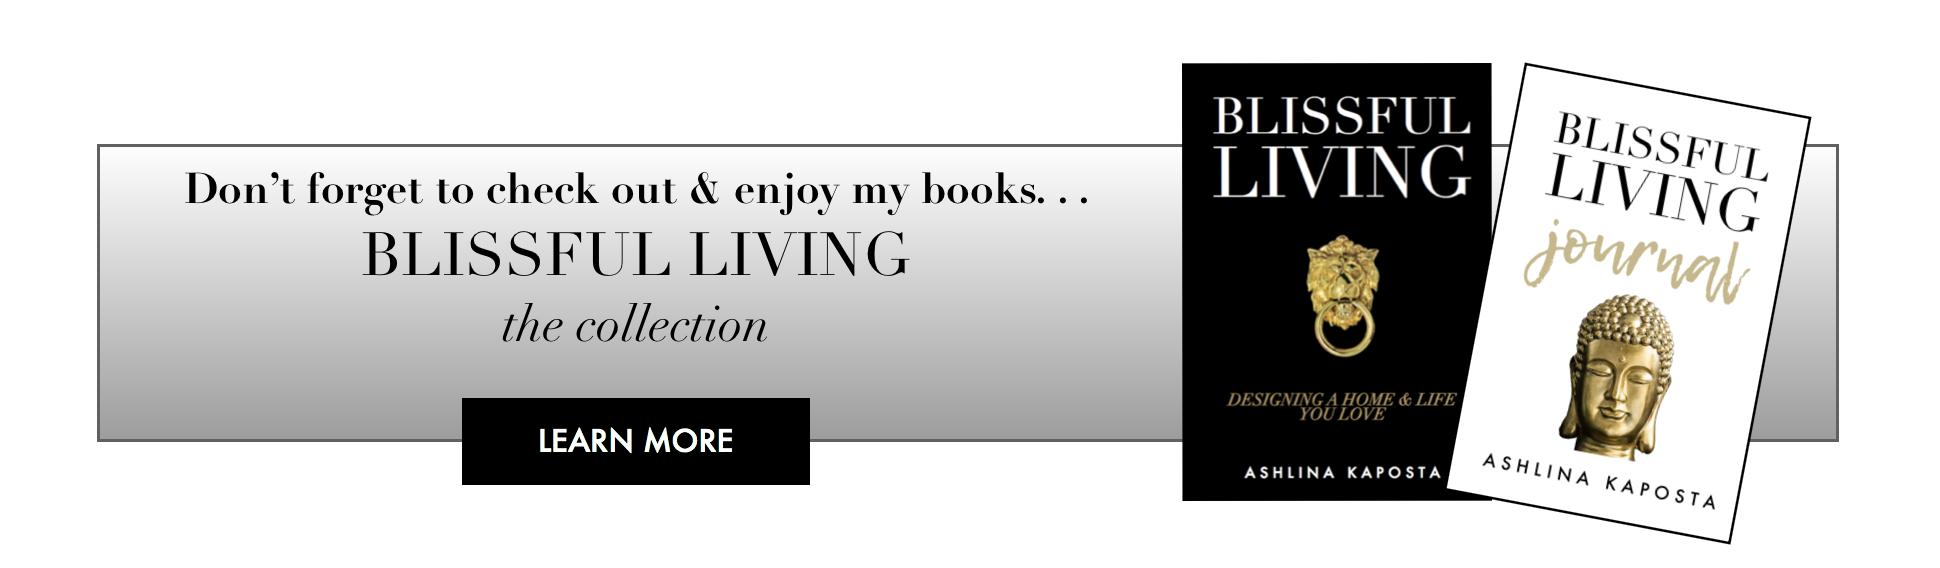 blissful living books